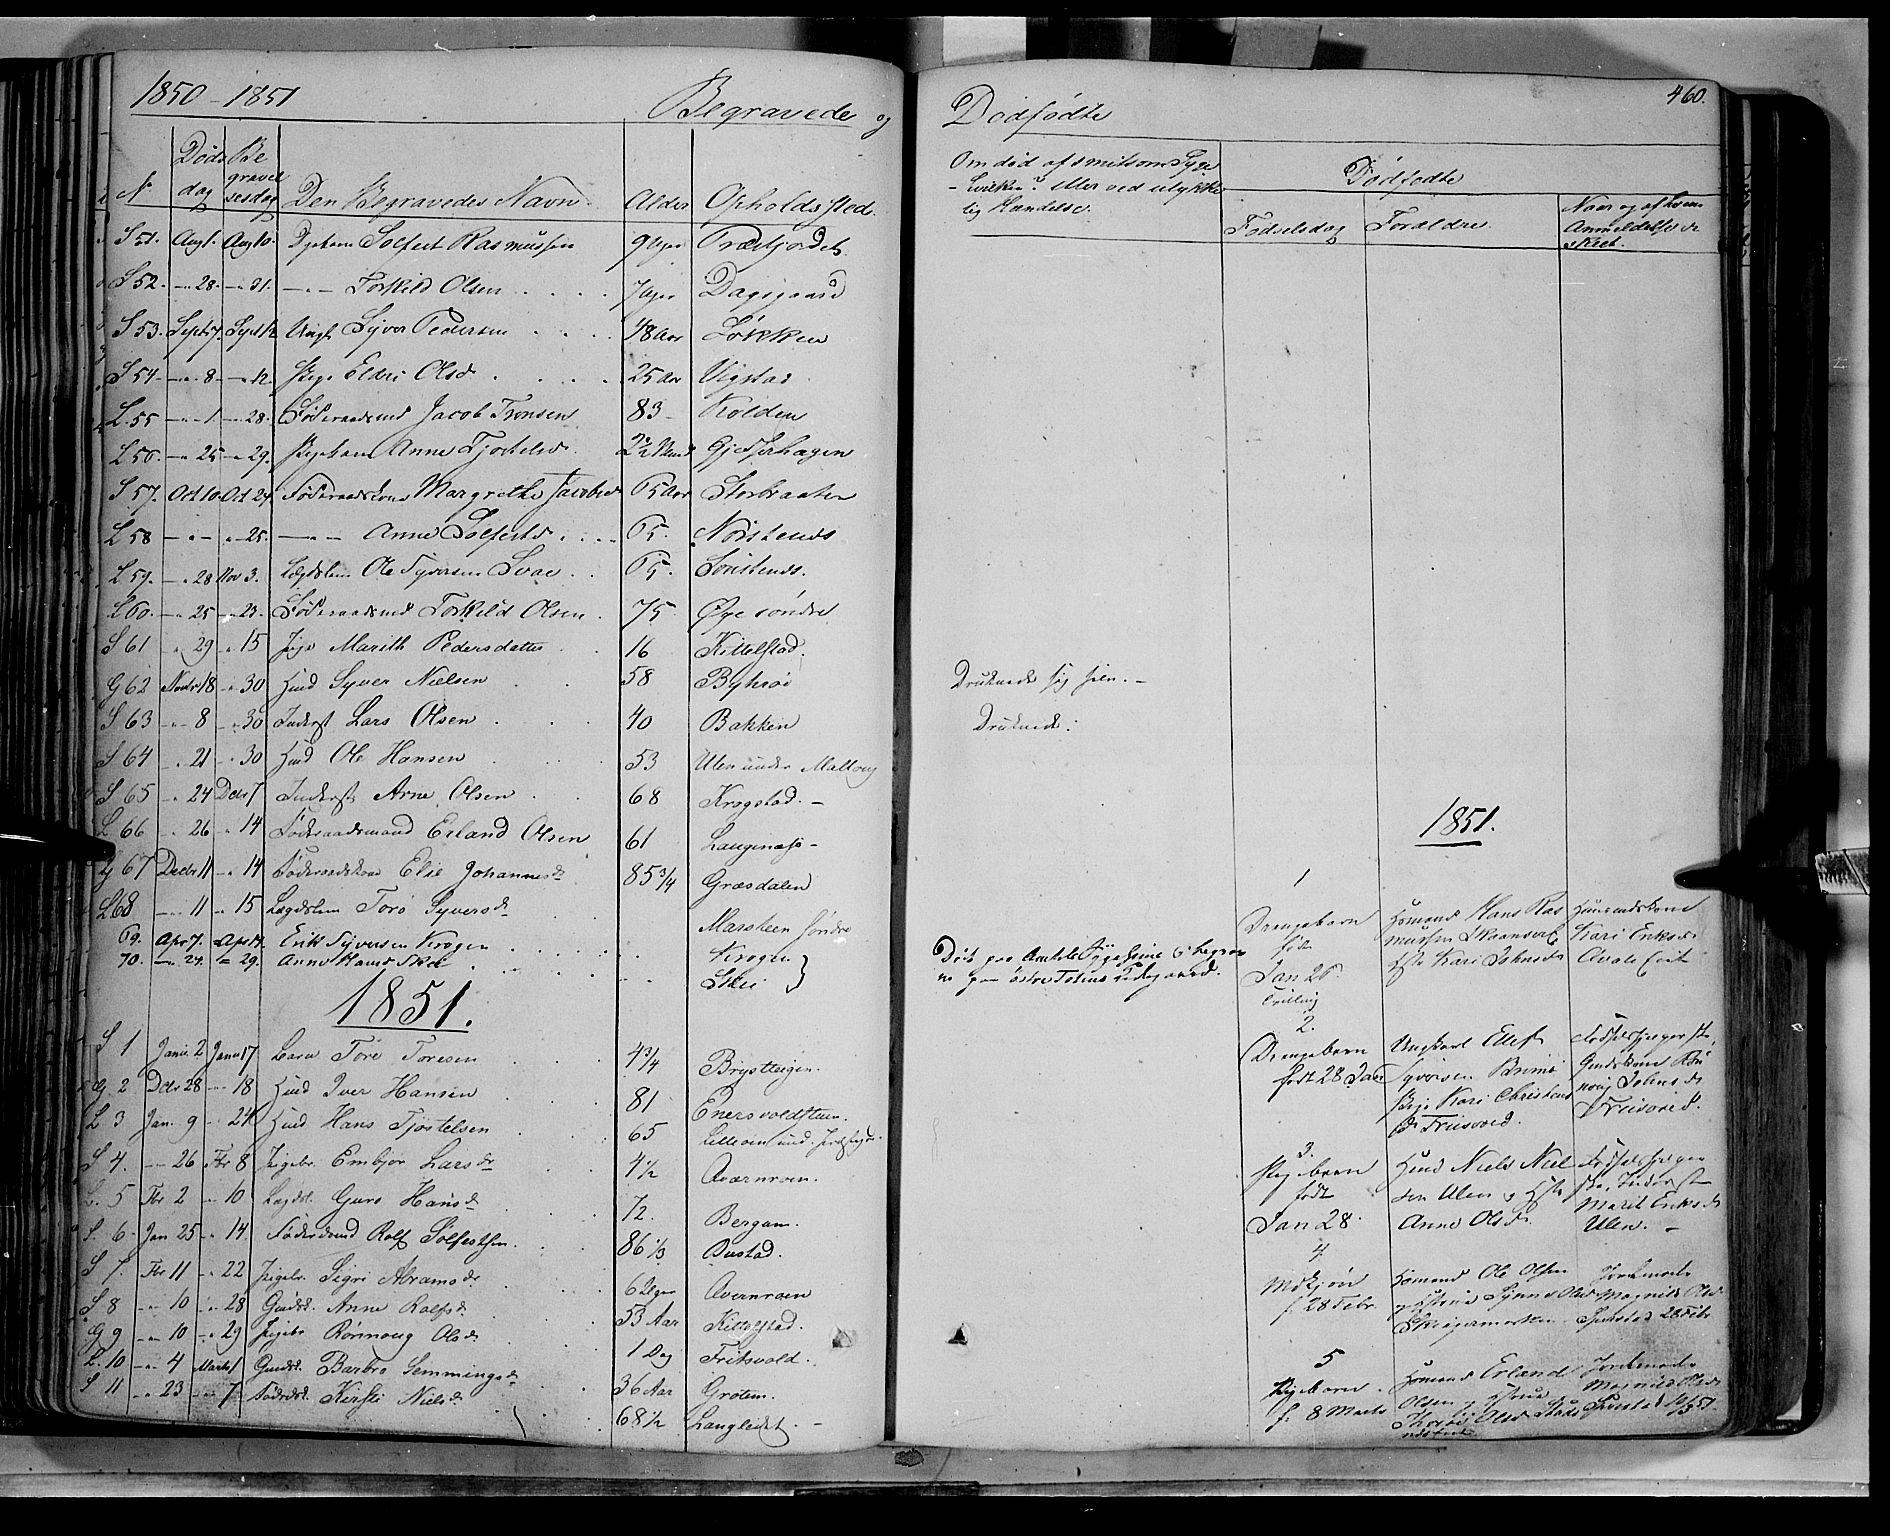 SAH, Lom prestekontor, K/L0006: Ministerialbok nr. 6B, 1837-1863, s. 460